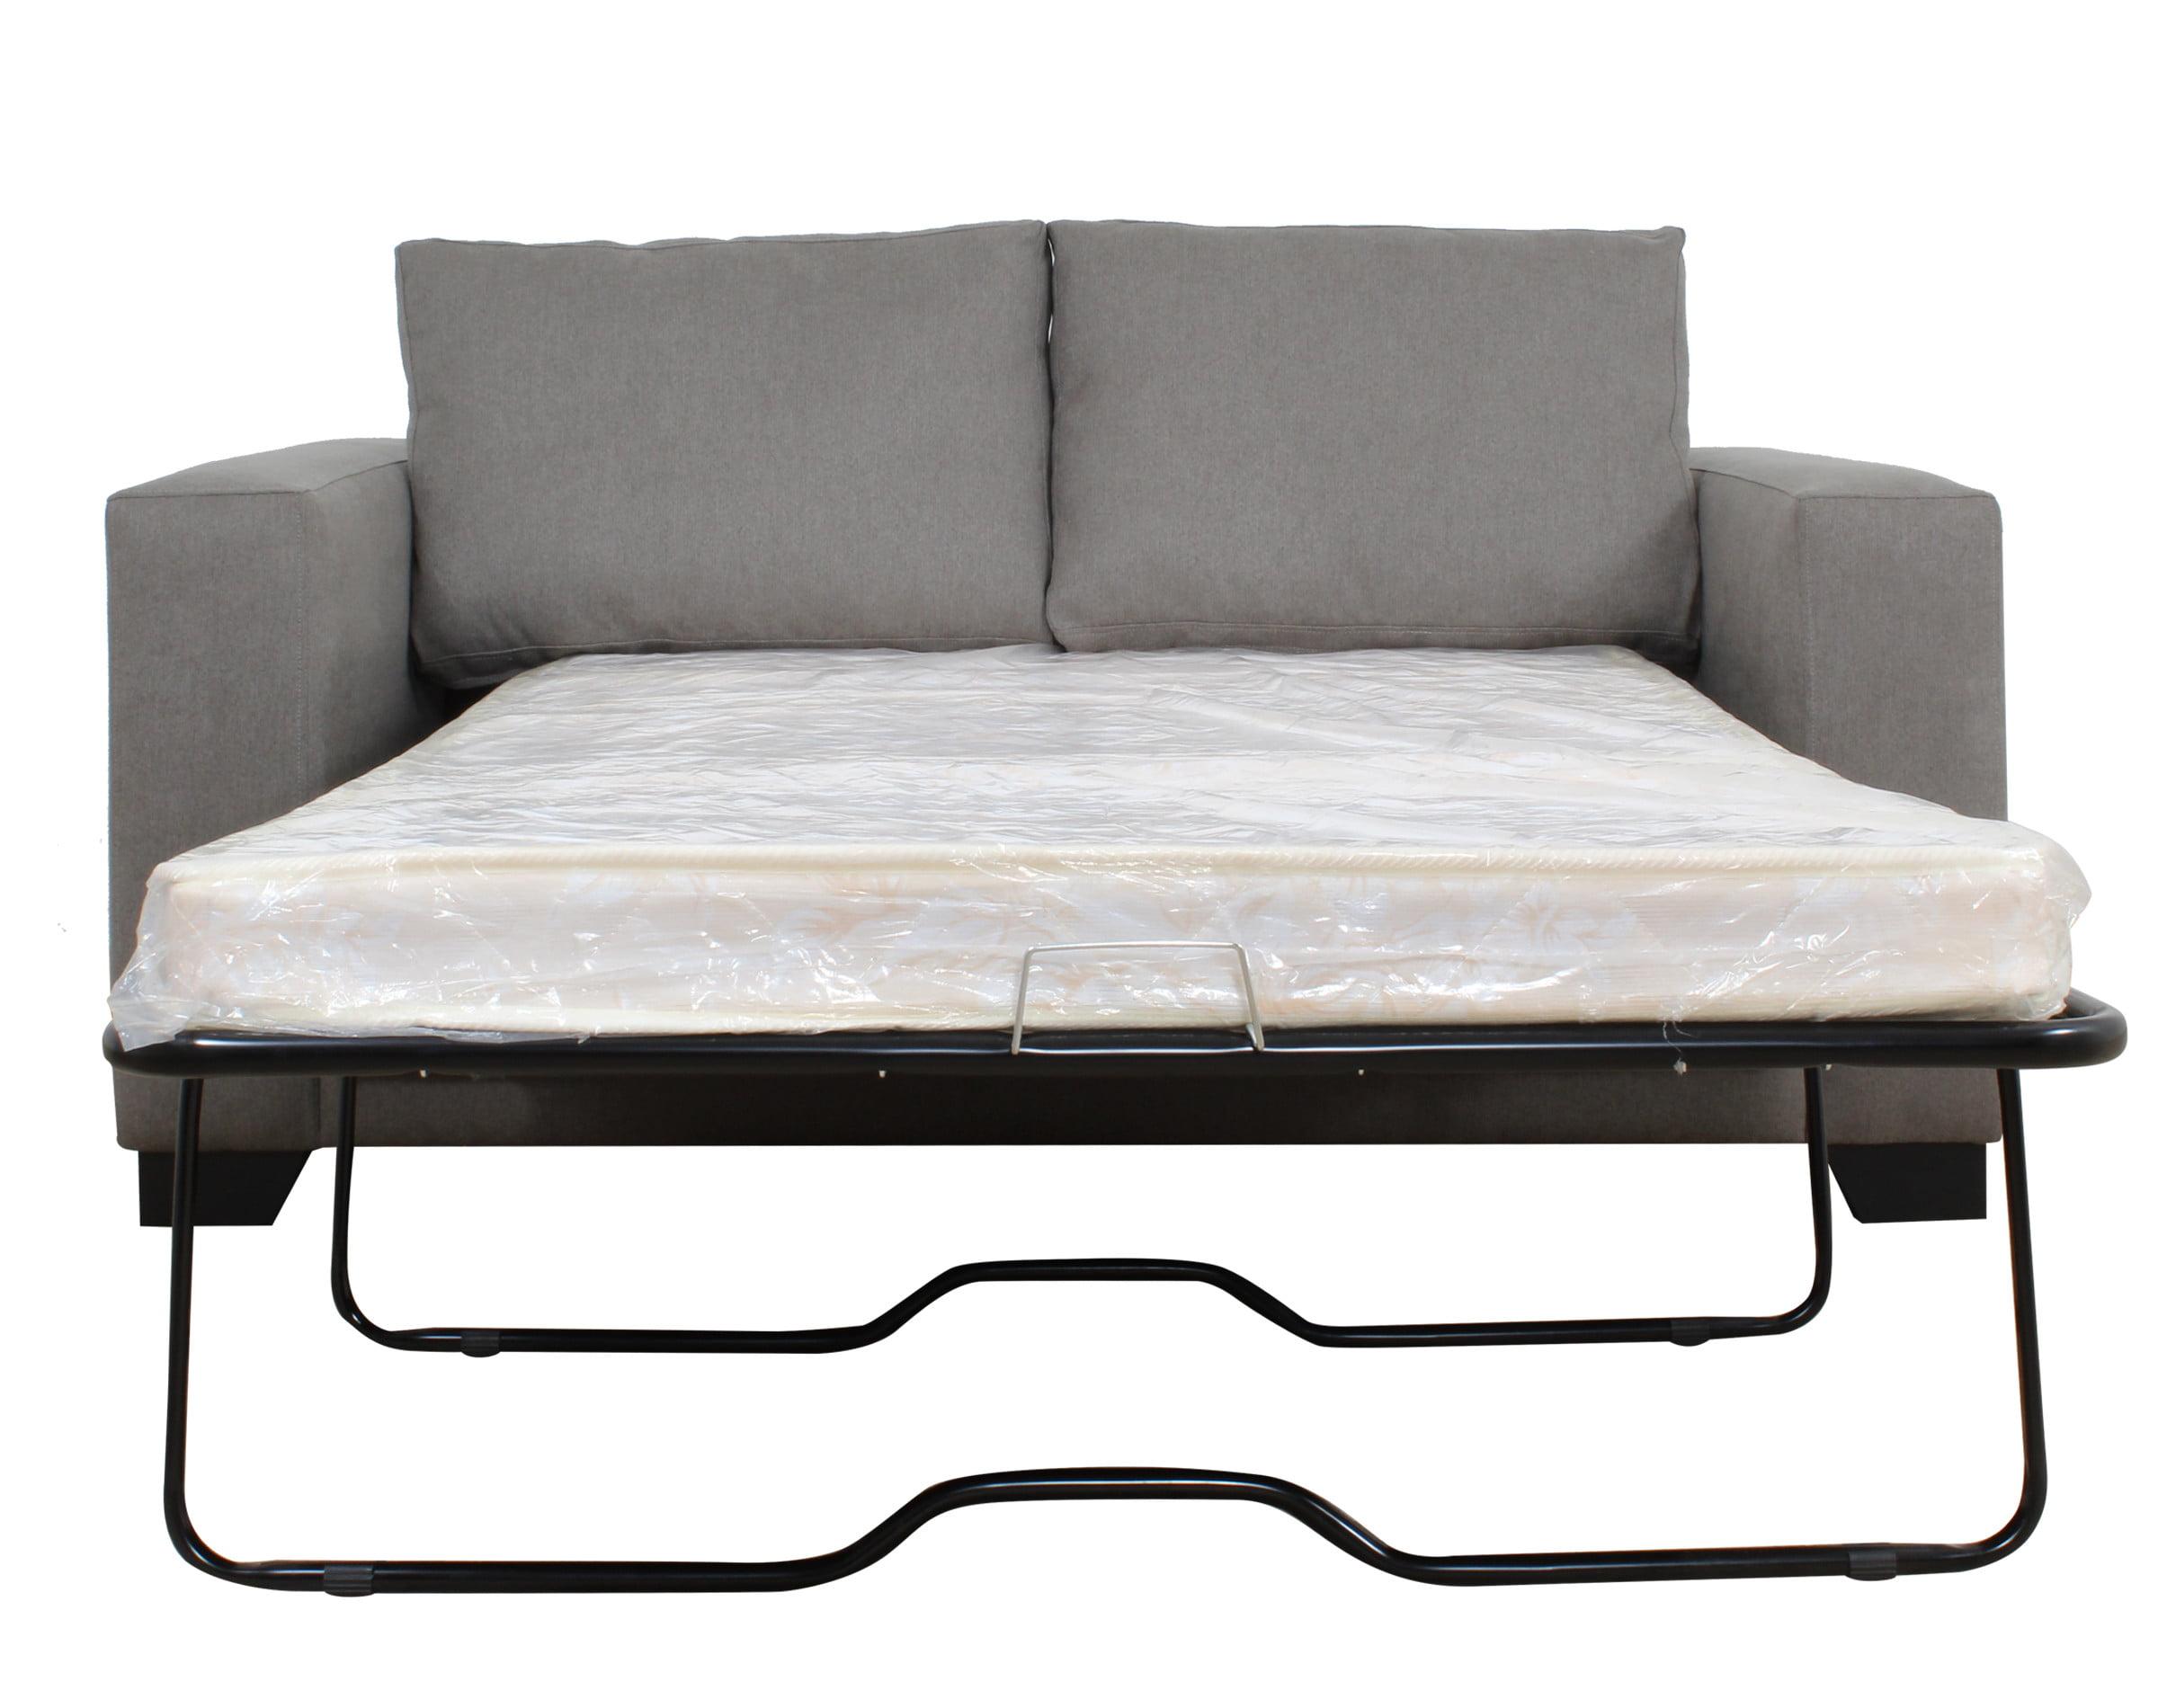 Sofa Cama 1,5 Plazas Calafate Frente